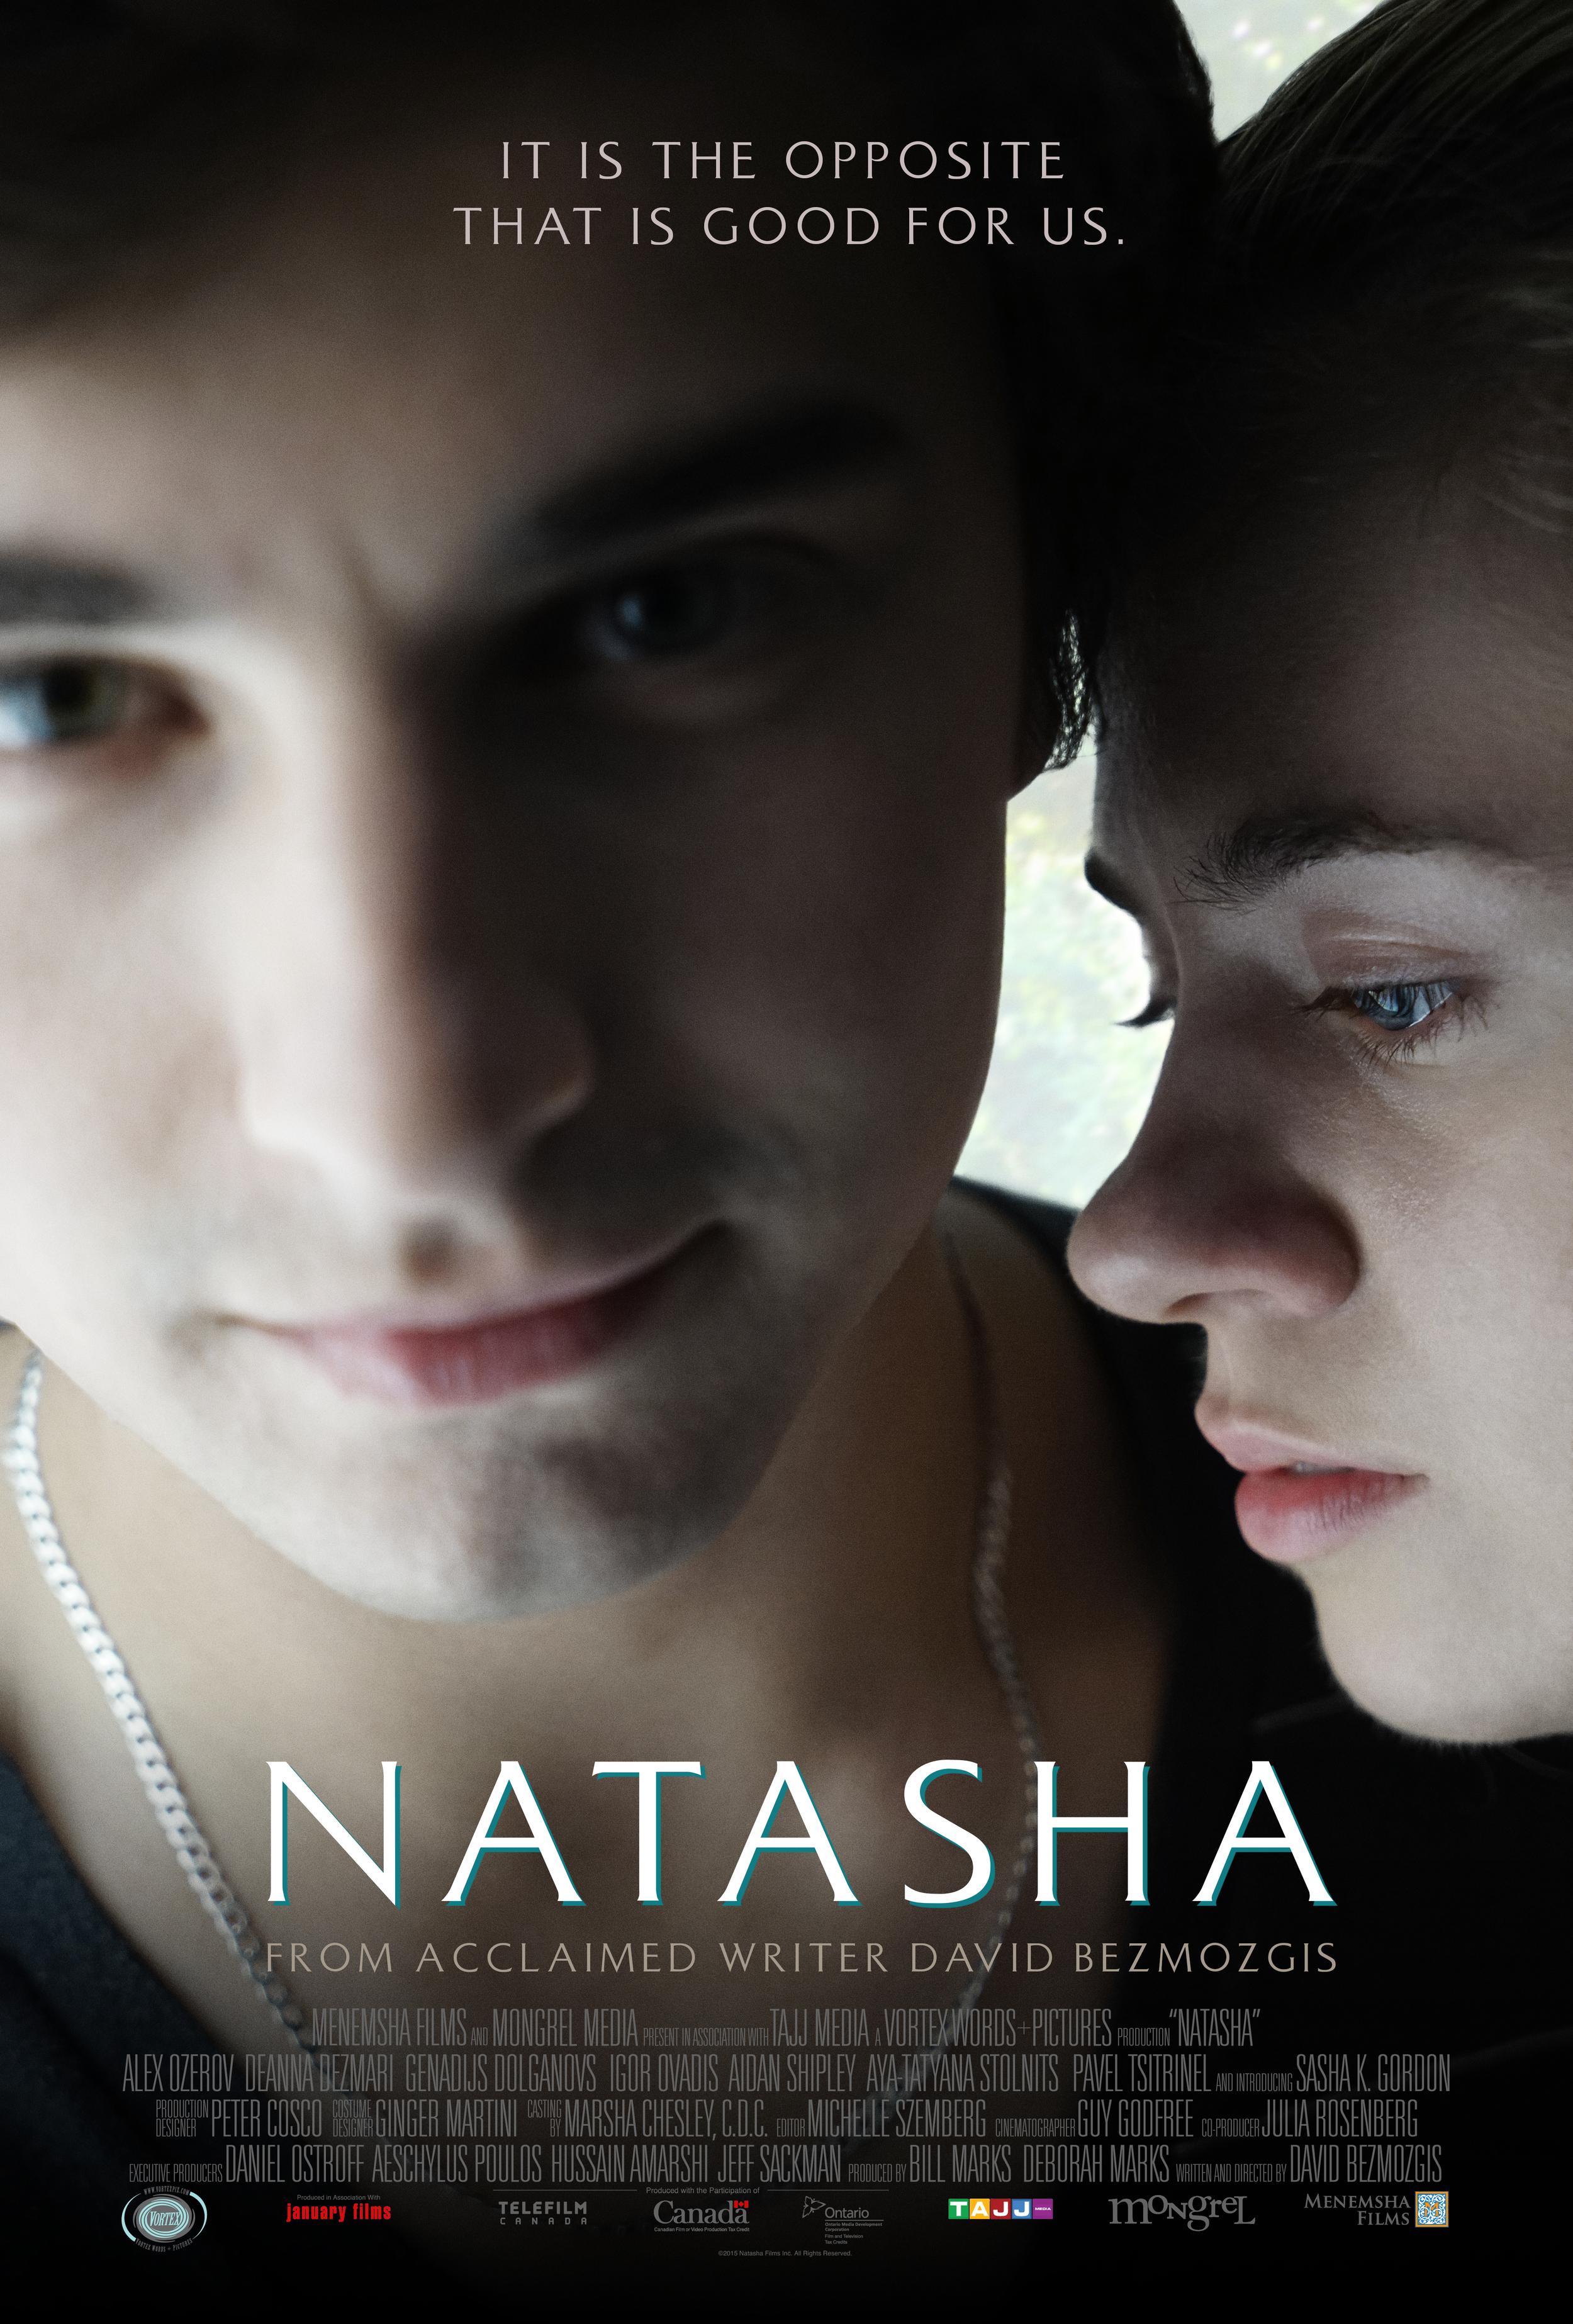 NATASHA_FINISH_01.jpg